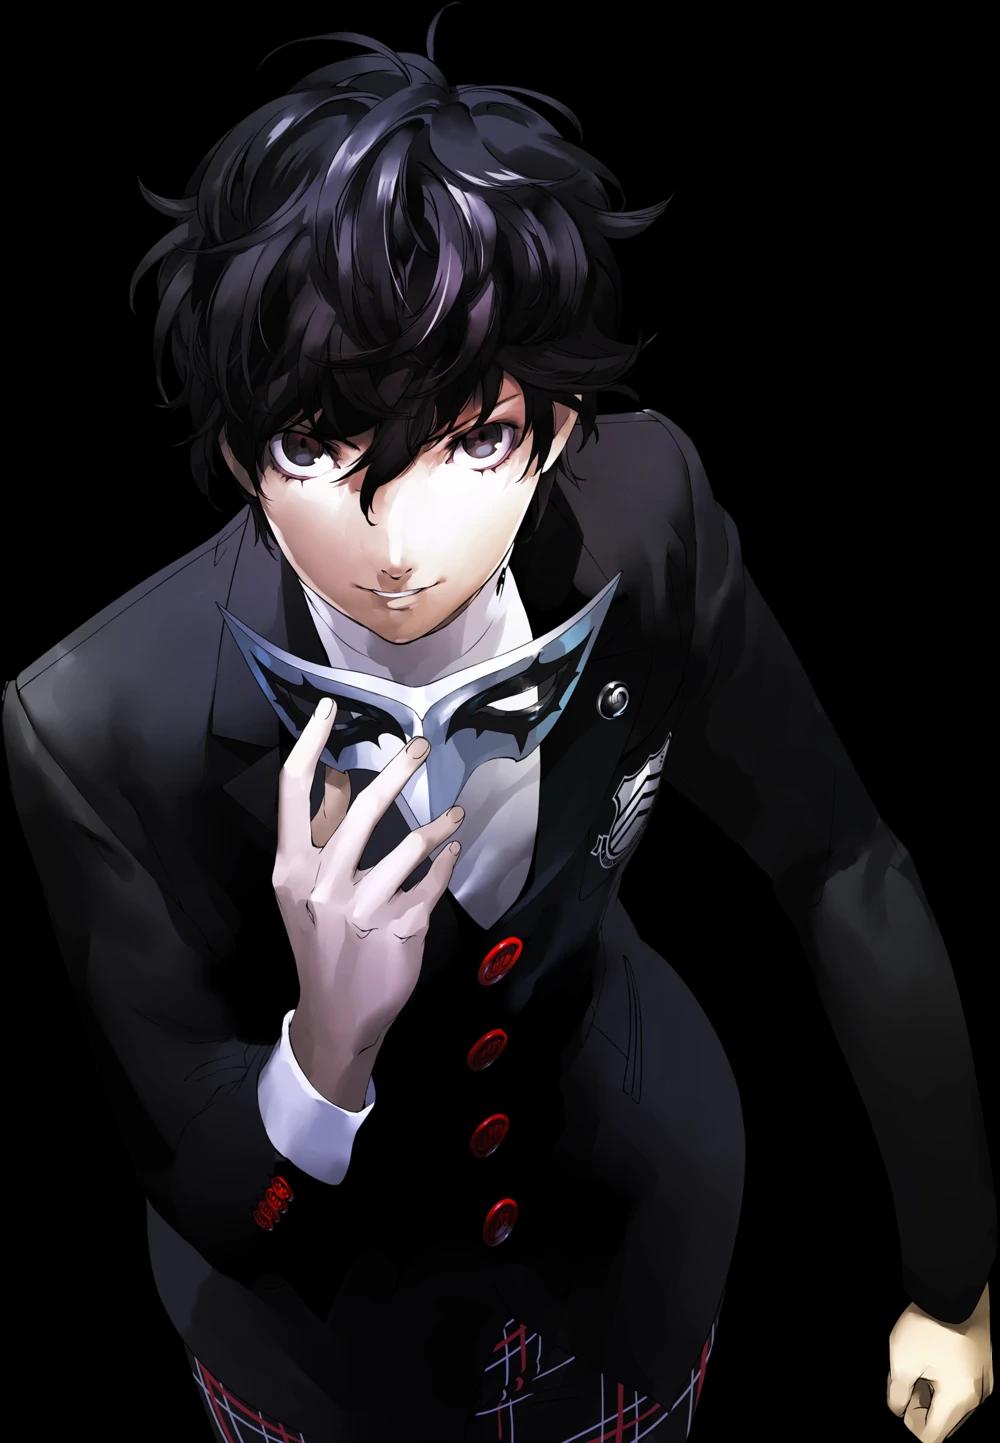 Protagonist Persona 5 Megami Tensei Wiki Fandom Persona 5 Cosplay Persona 5 Persona 5 Joker